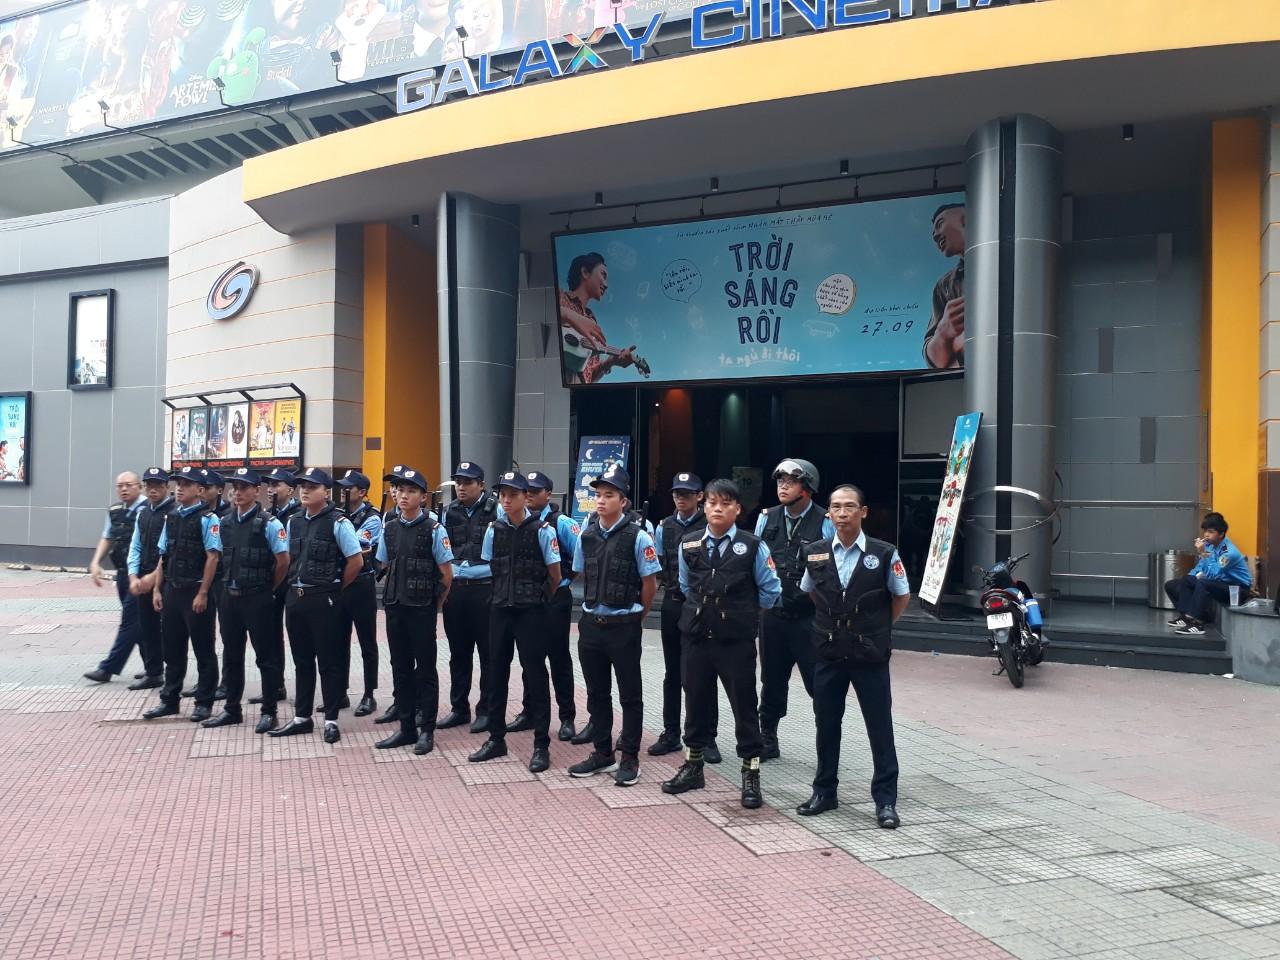 Bảo vệ chuyên nghiệp Bắc Giang 247 giá rẻ